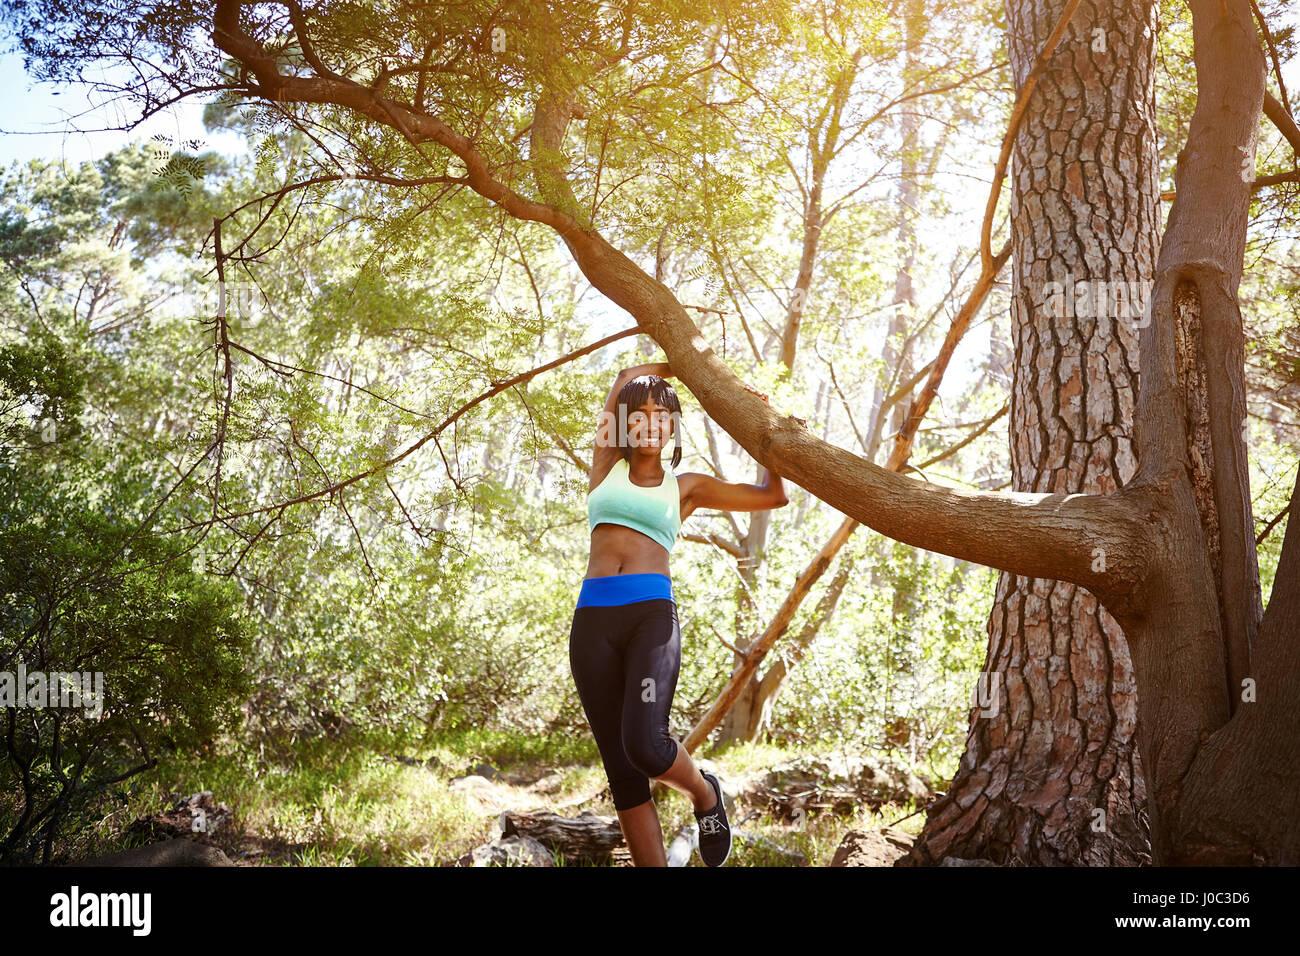 Retrato de joven mujer vistiendo ropa deportiva, en entorno rural Imagen De Stock